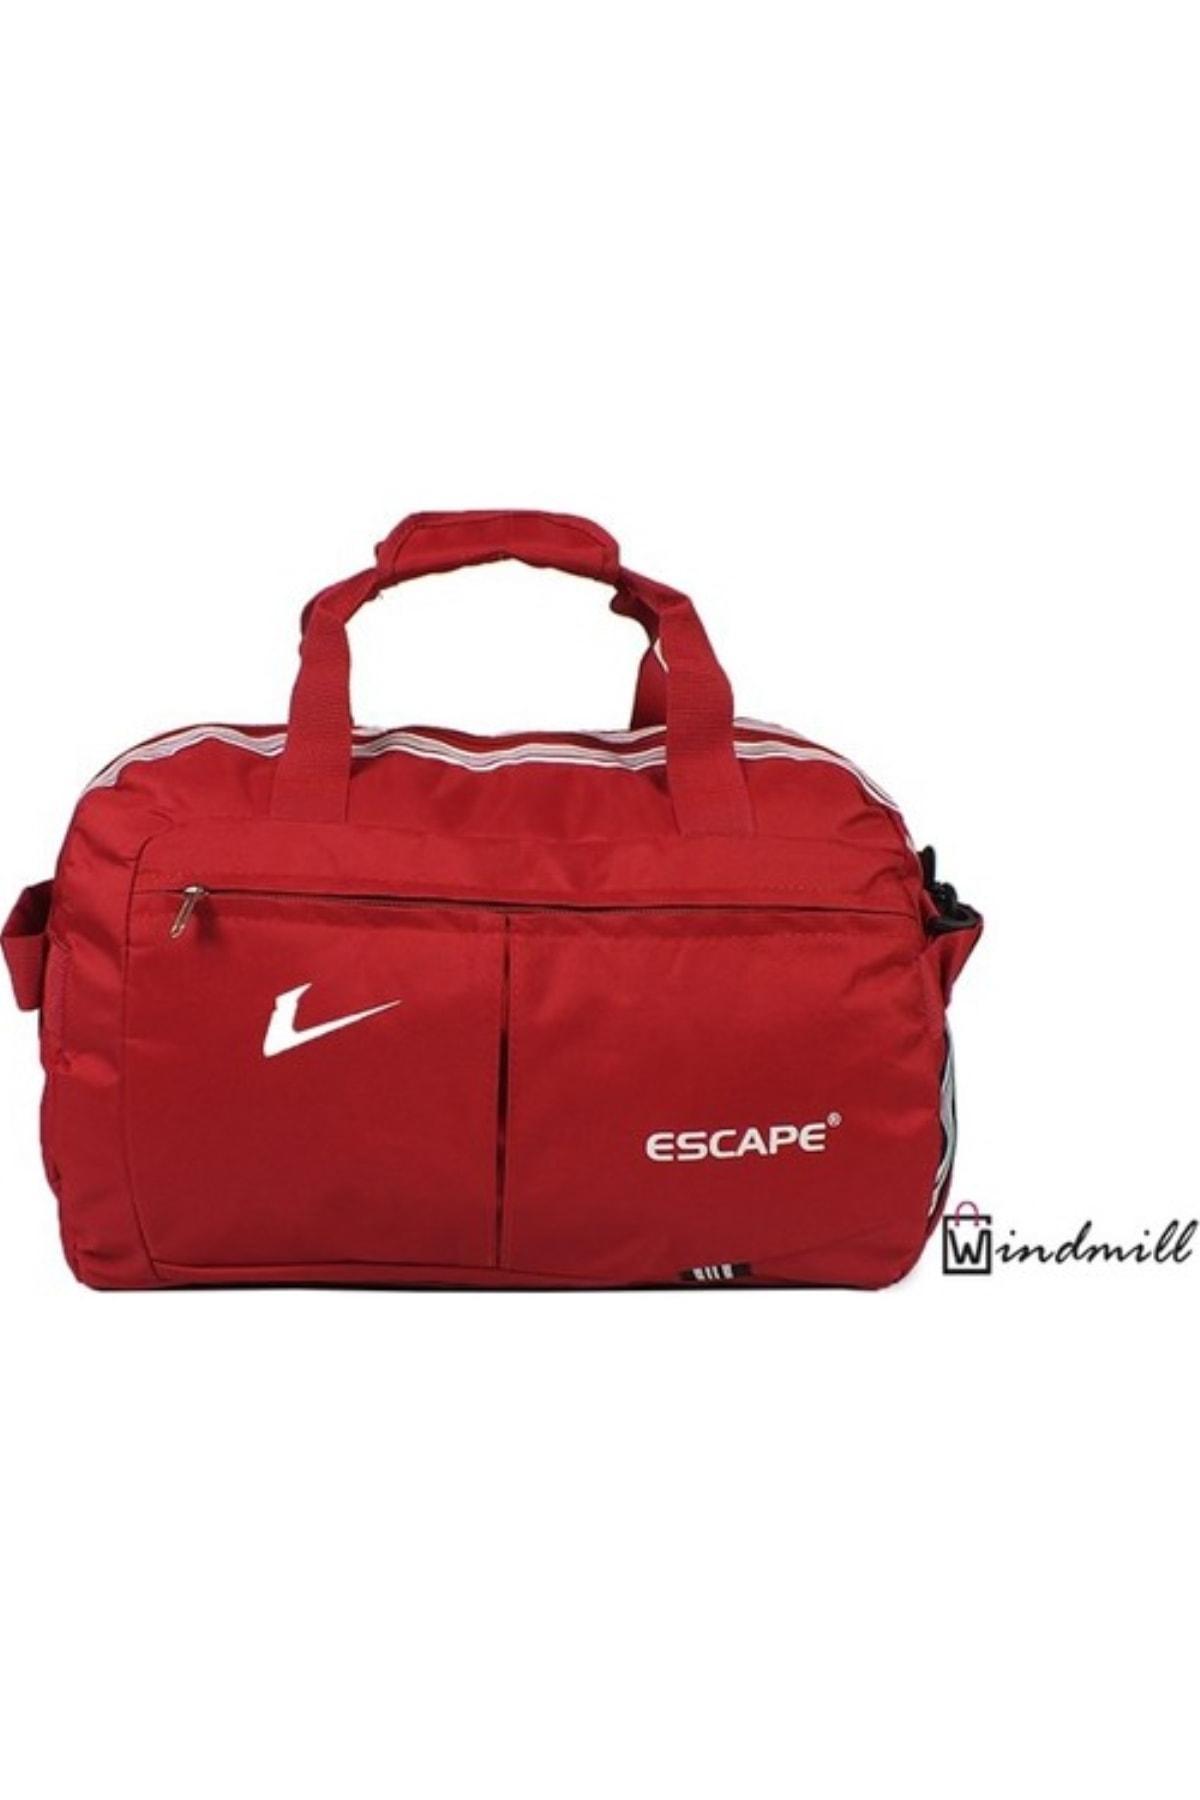 Escape  Kırmızı1 Unisex Valiz & Bavul Hbv000007Vscl